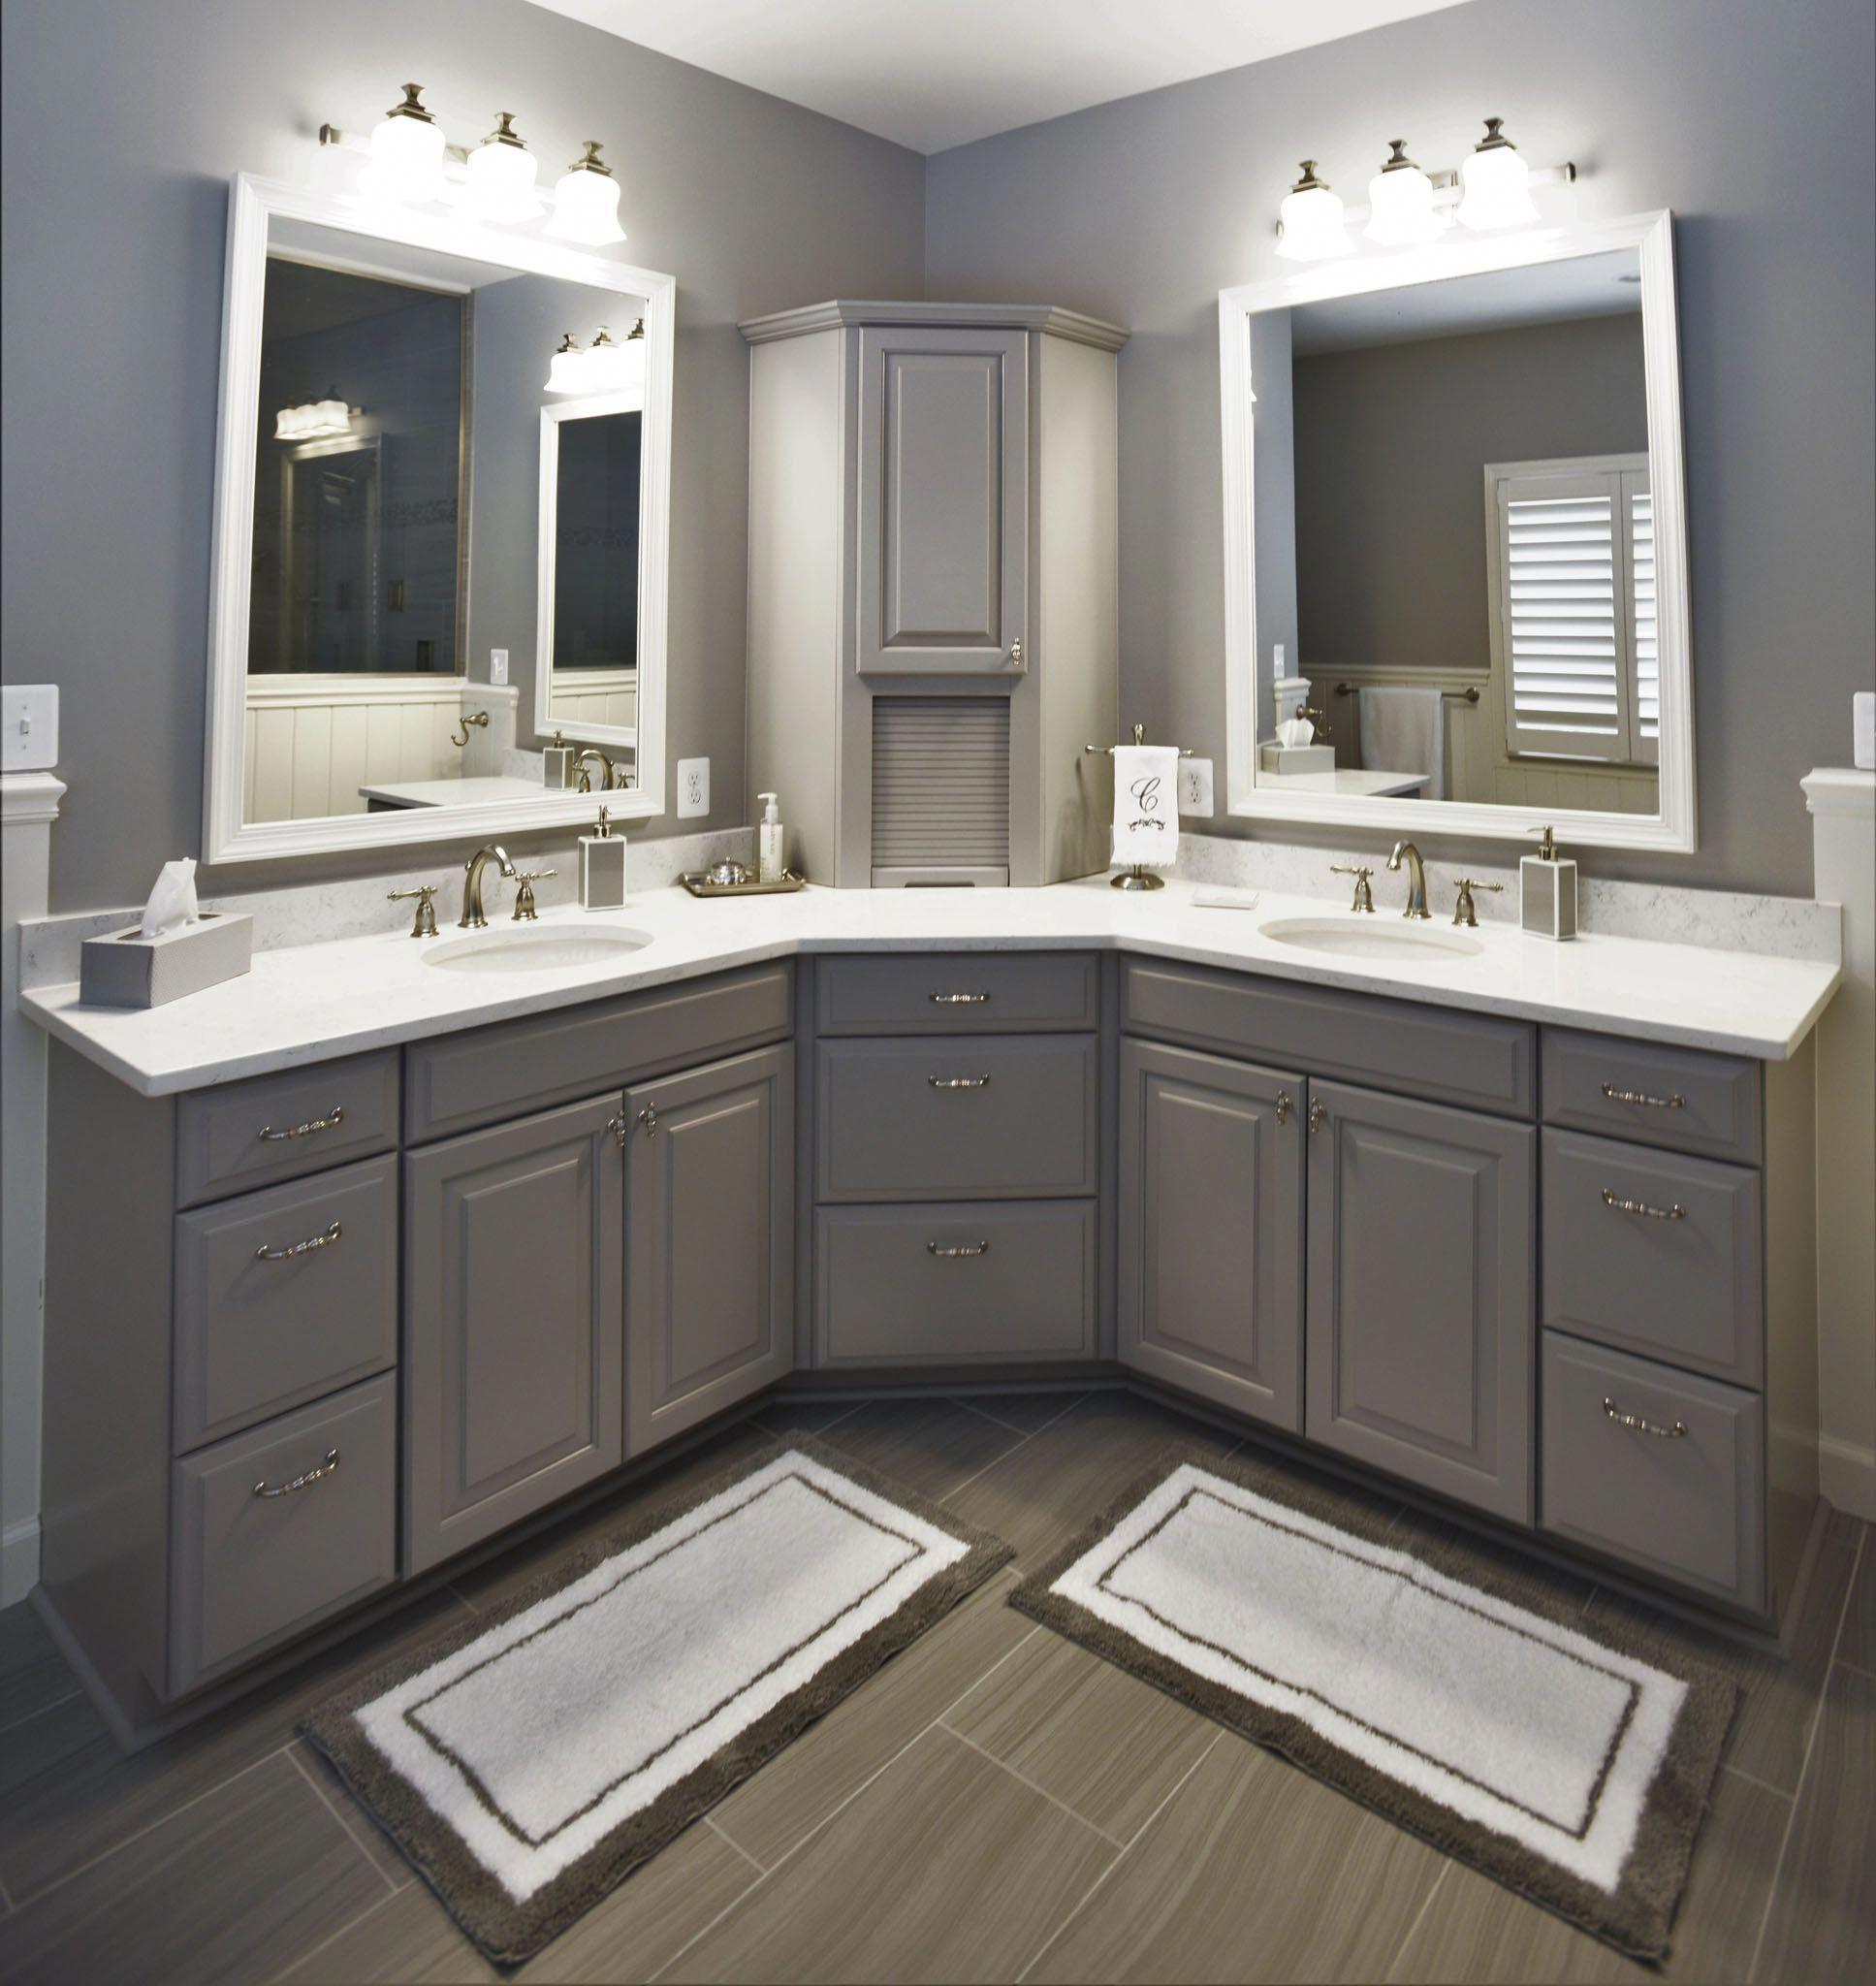 10 Unbelievable Bathroom Vanities With Tops 48 Inch Bathroom Corner Bathroom Vanity Bathroom Countertops Bathroom Remodel Master